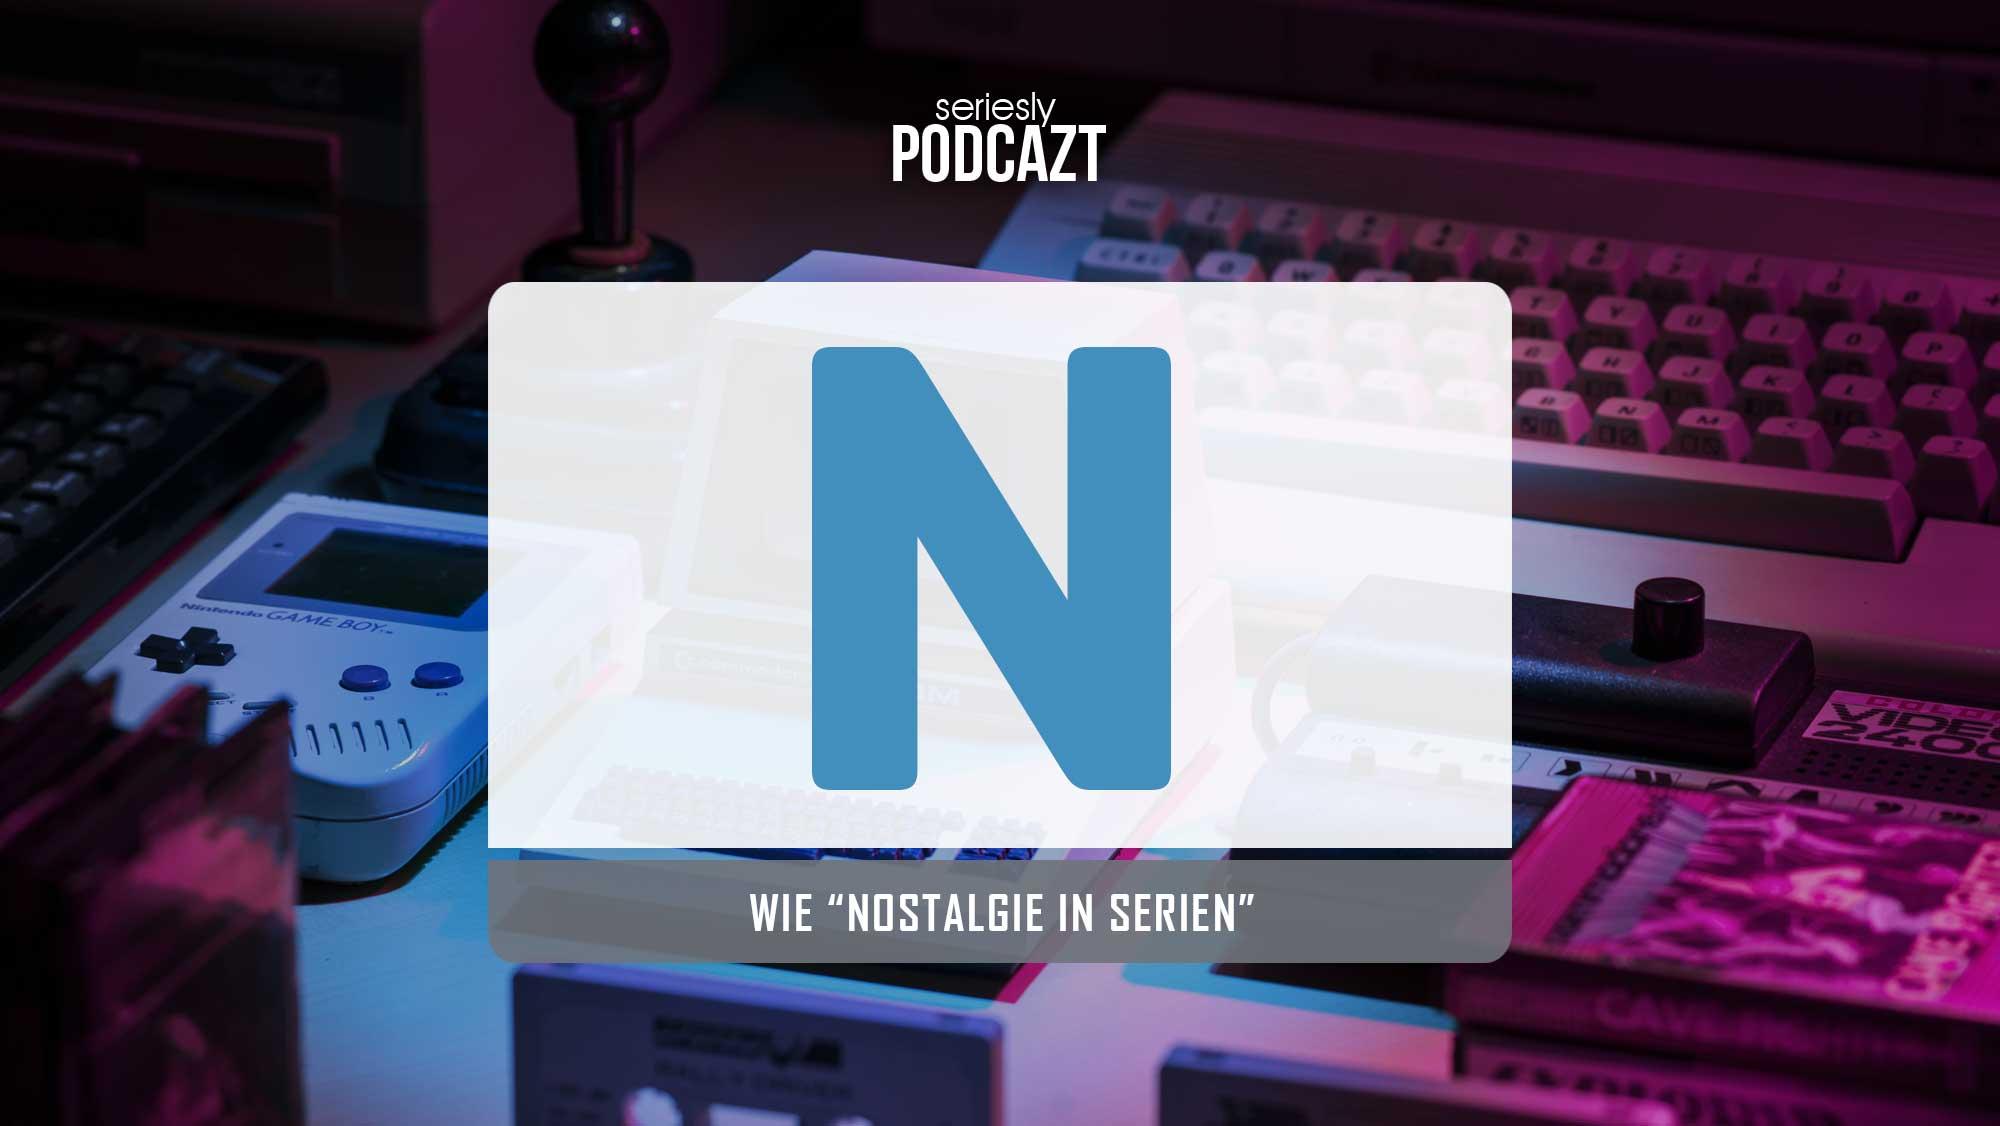 Ich spreche im Podcast über Fernseh-Nostalgie